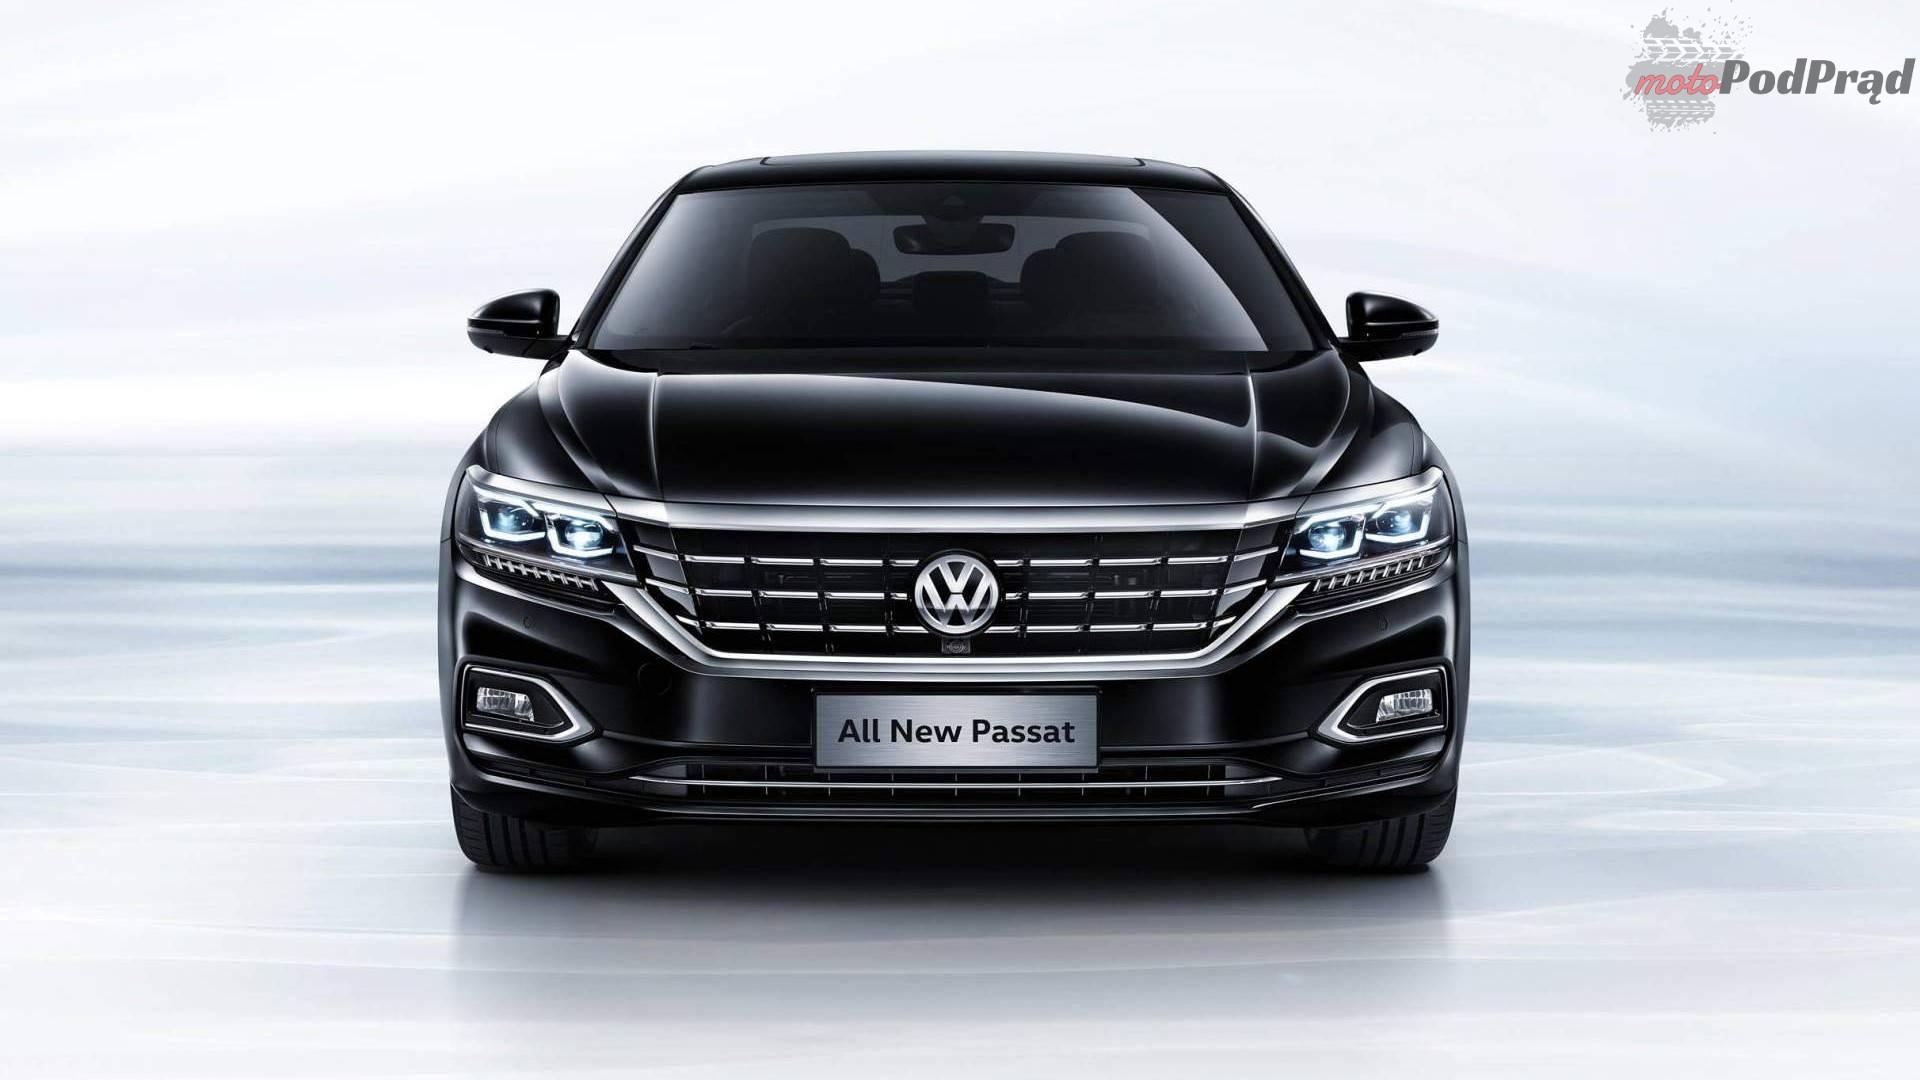 2018 volkswagen passat chinese spec 3 Nowy Passat, ale tylko dla Chin